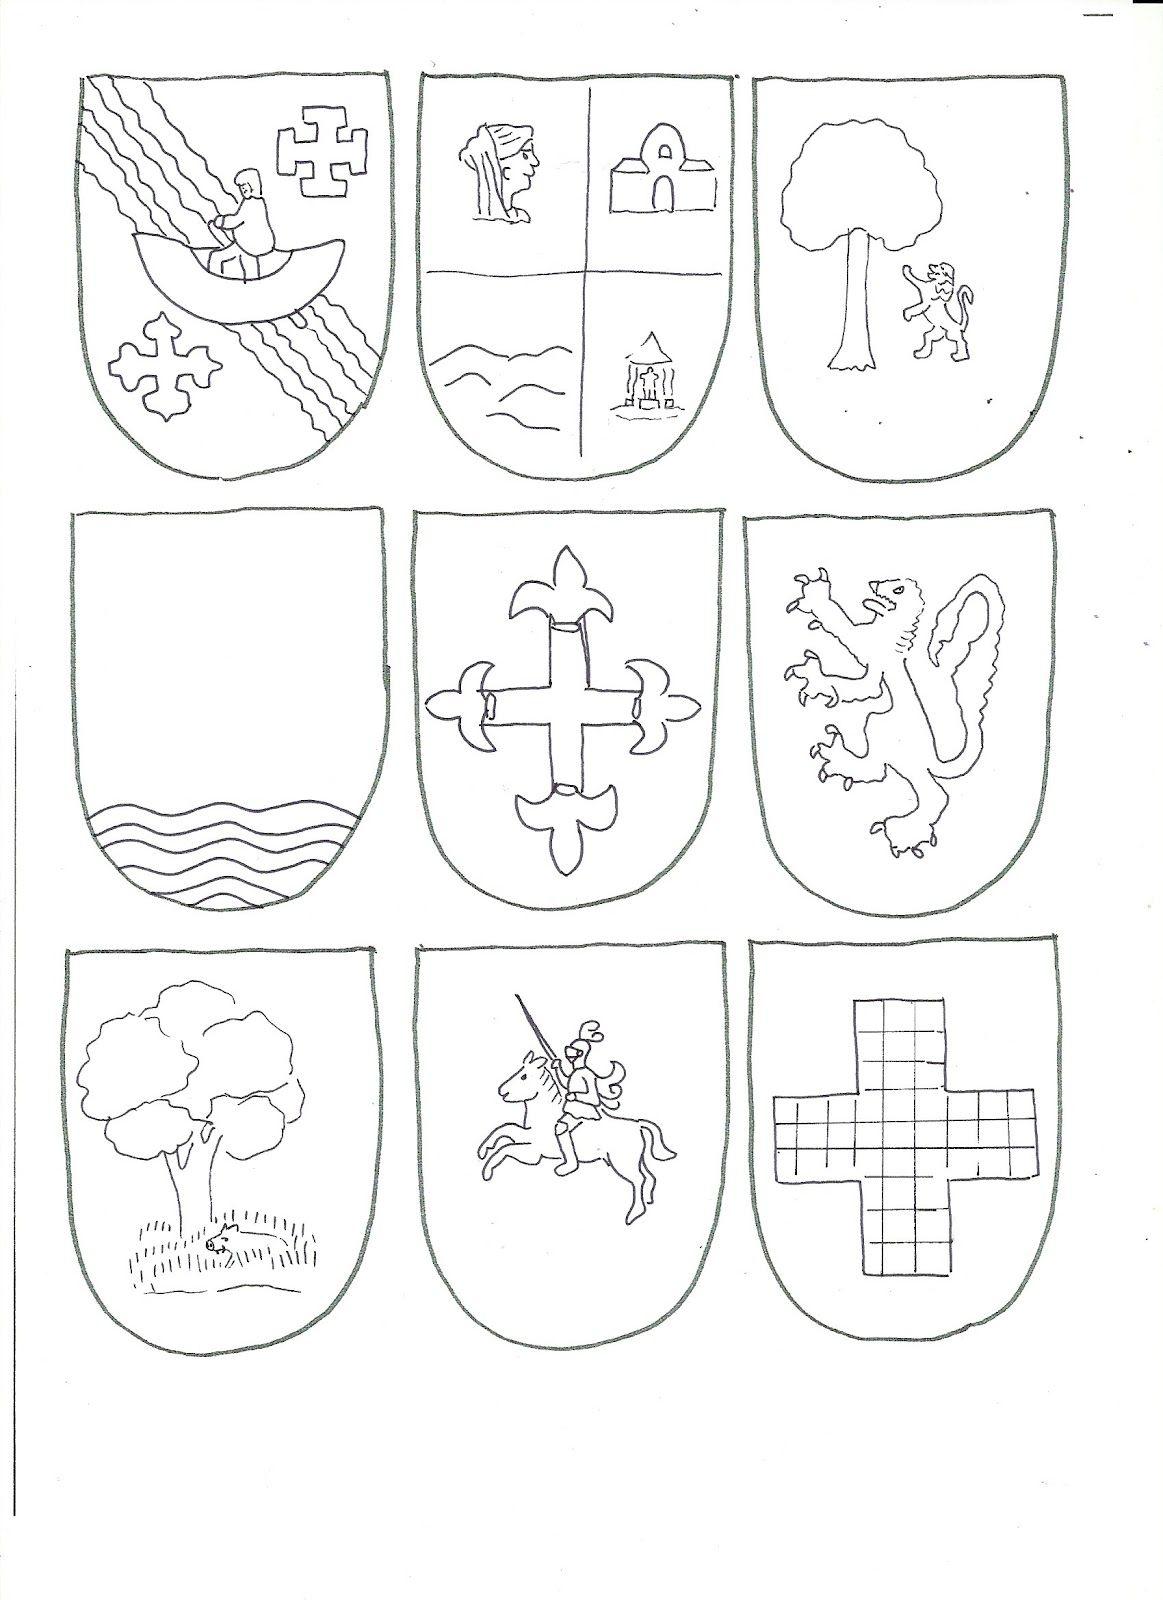 Los Apellidos Tienen Un Escudo De Armas Que Muestra En Sus Motivos Castillo Torre Leon Lobo Cabeza De Dragon Escudo Escudo De Armas Apellidos Castillos